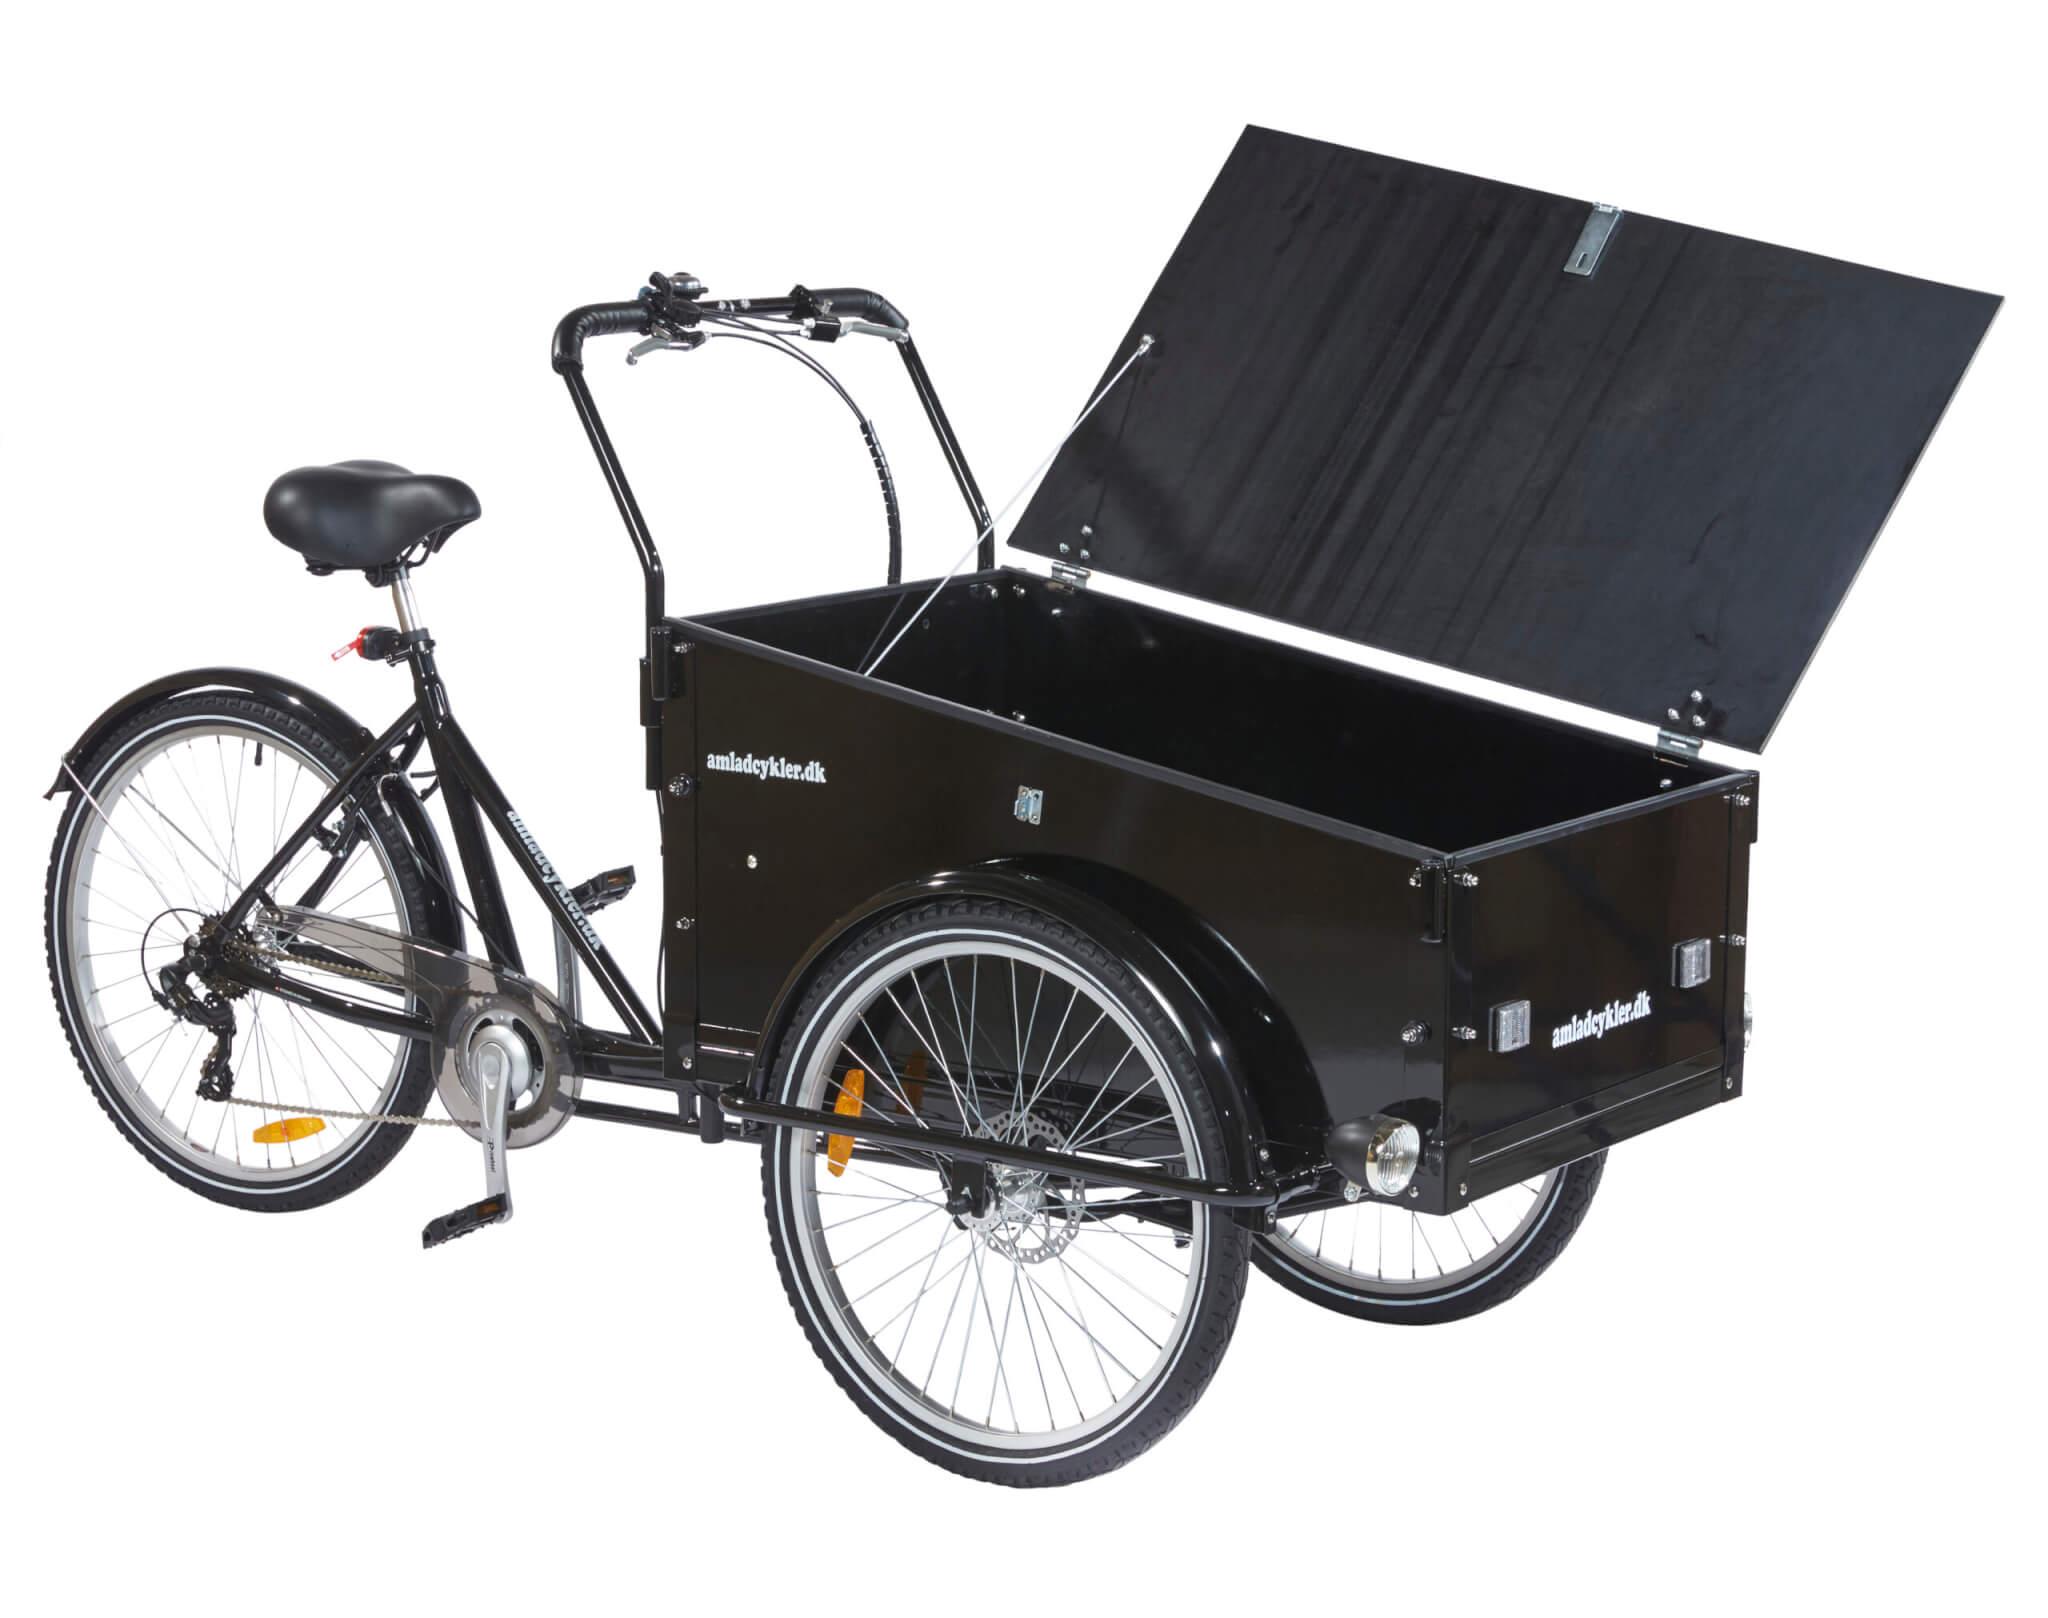 Arbejds ladcykel -Håndværker ladcykel - Erhvervs ladcykel